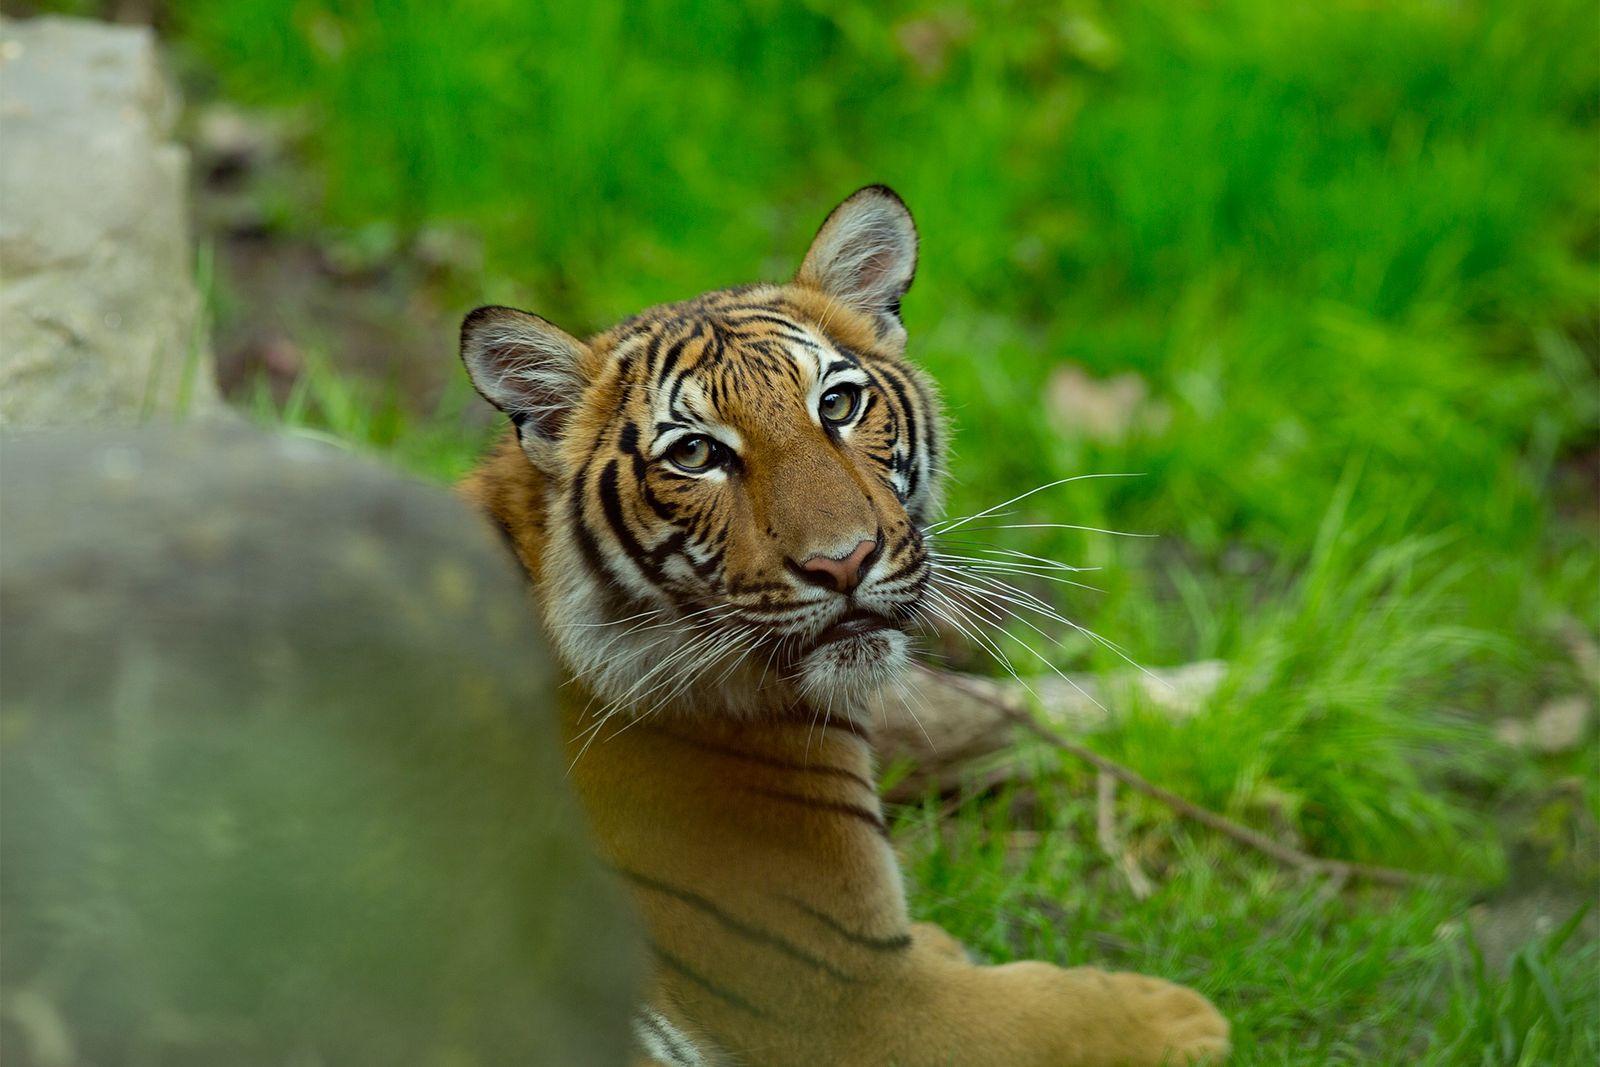 Tigre malayo del zoo del Bronx